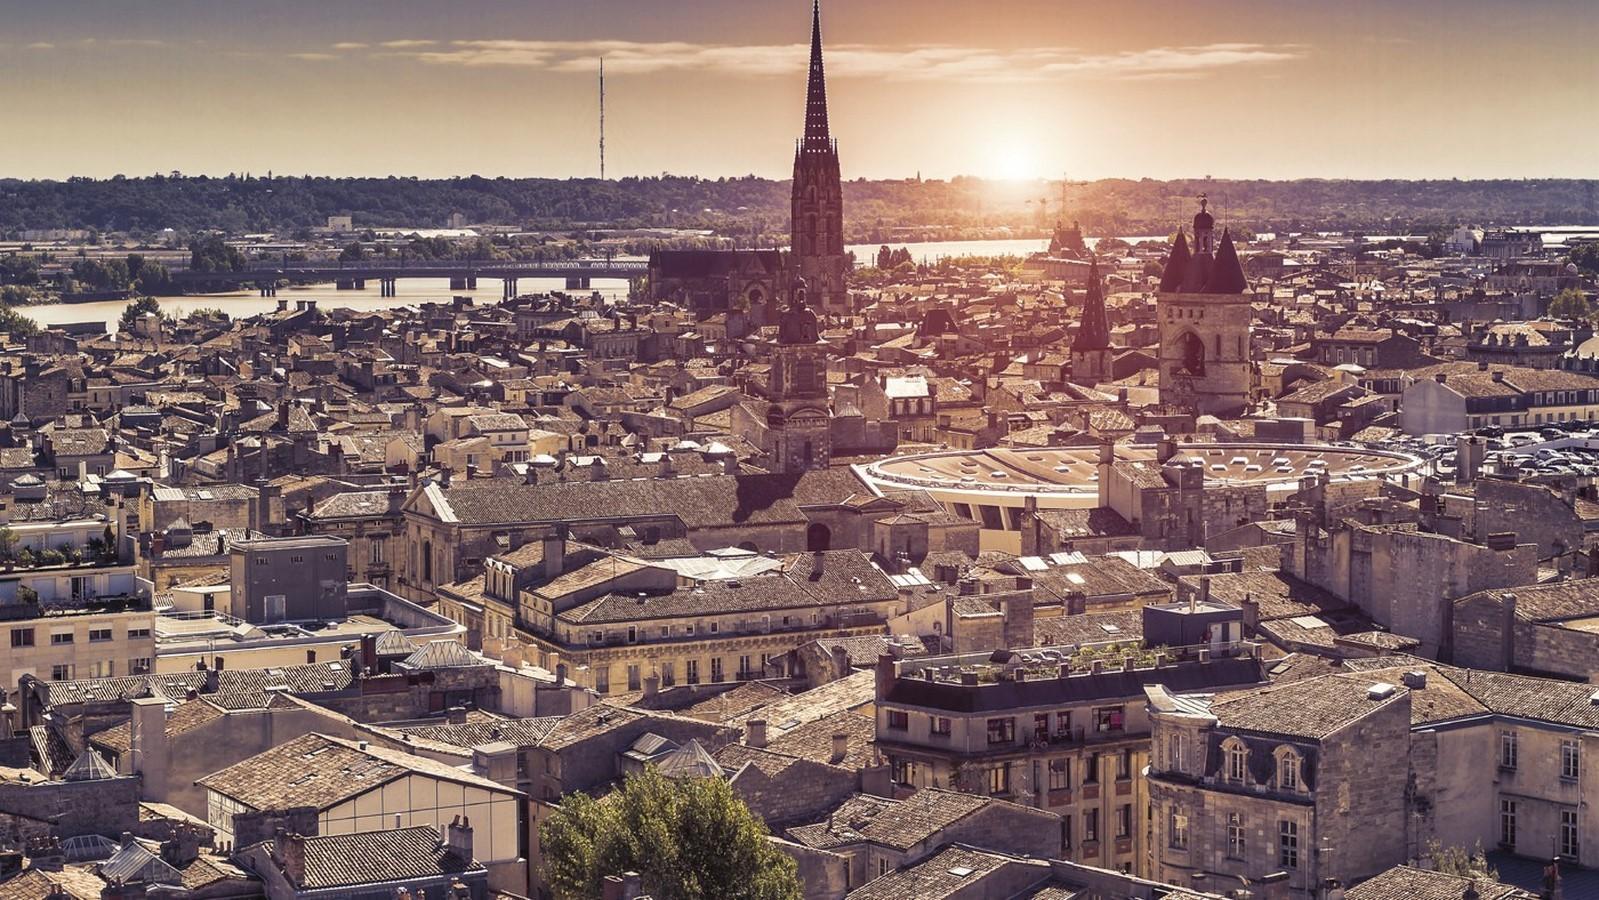 10 Famous structures of Bordeaux, France - Sheet1